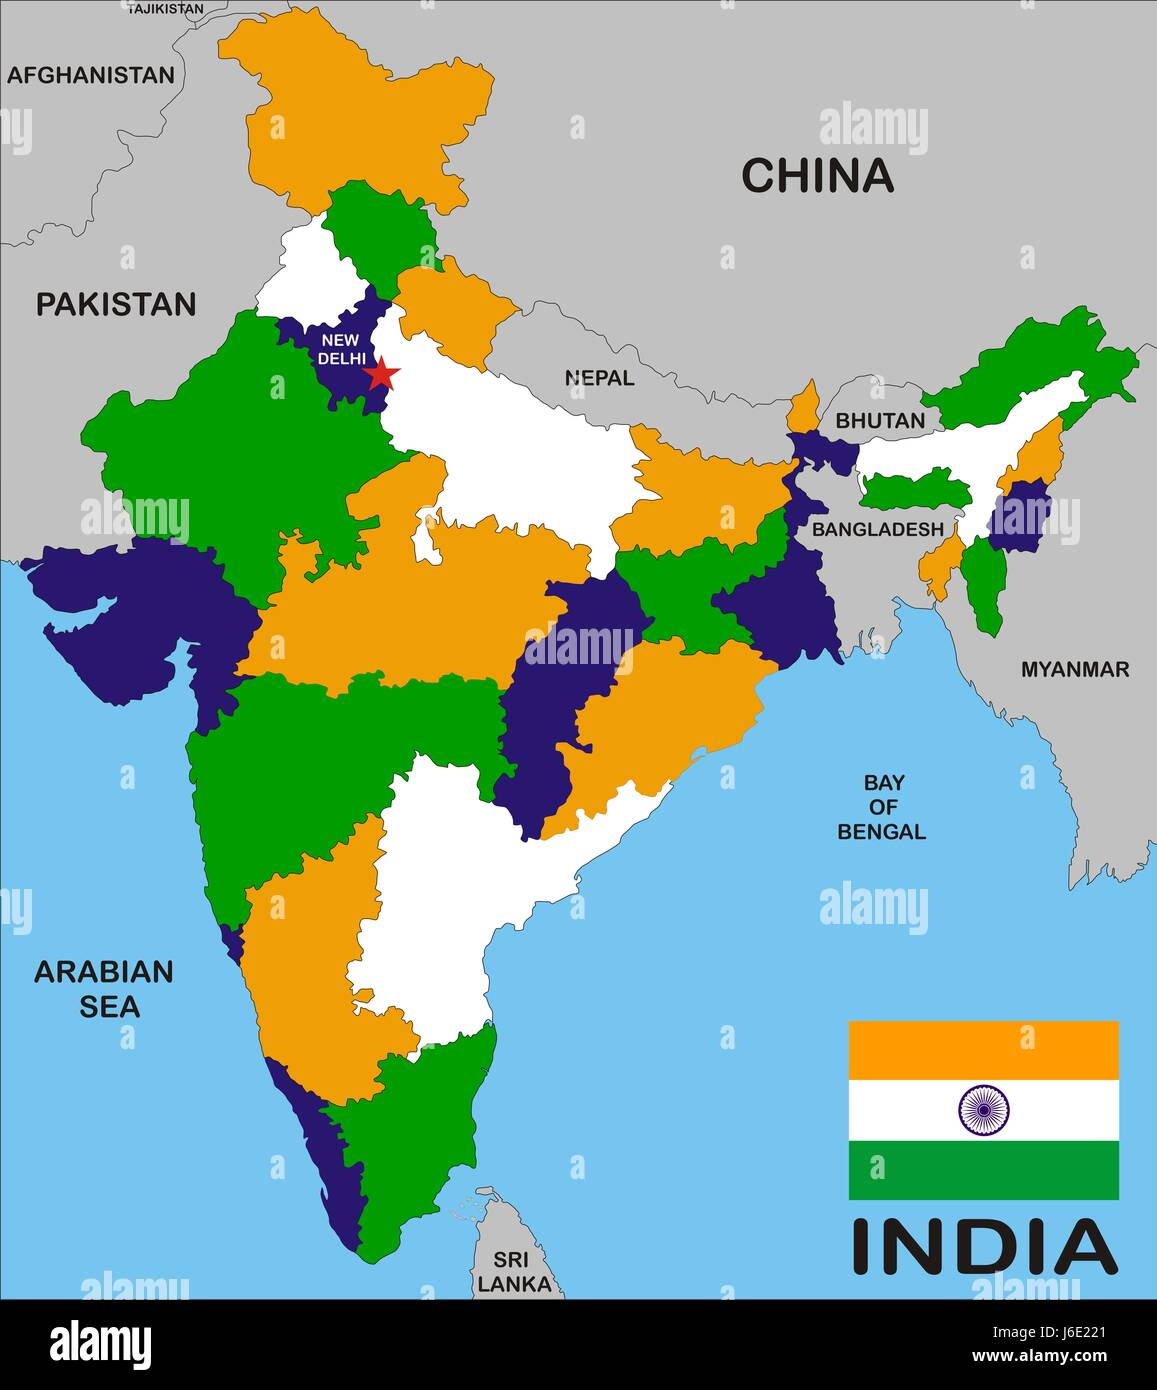 India Map Stock Photos  India Map Stock Images  Alamy